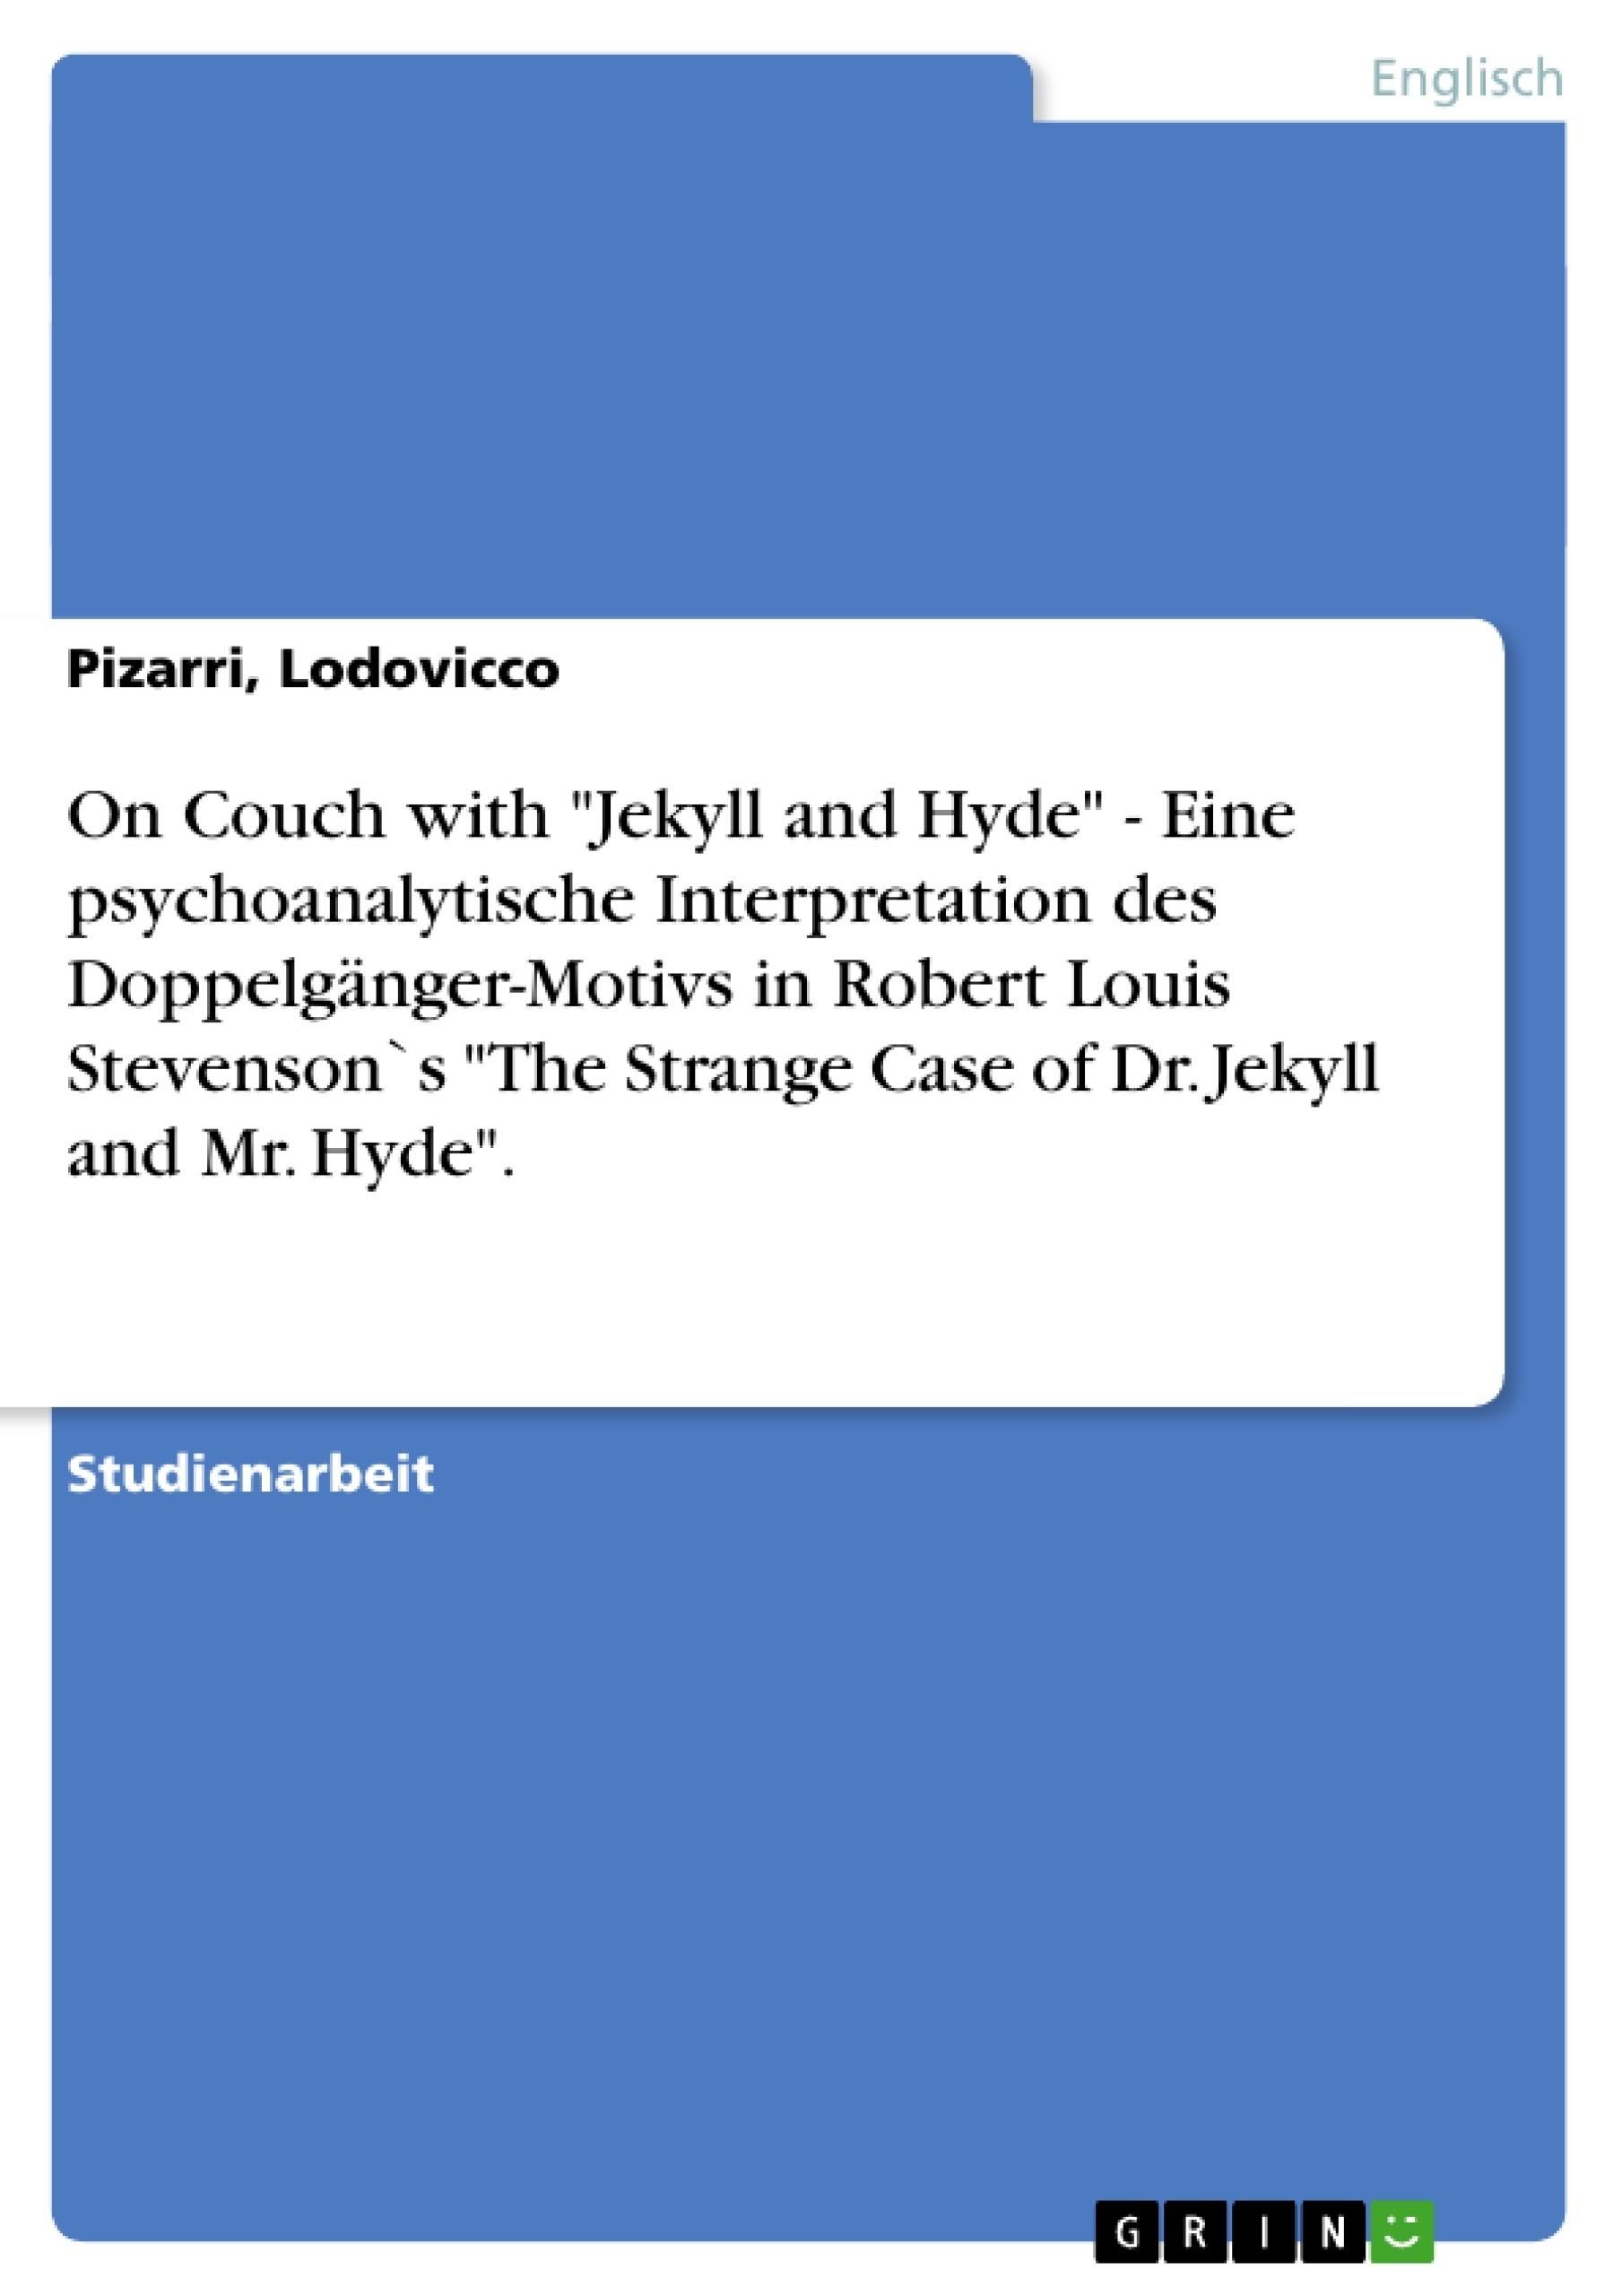 """Titel: On Couch with """"Jekyll and Hyde"""" - Eine psychoanalytische Interpretation des Doppelgänger-Motivs in Robert Louis Stevenson`s """"The Strange Case of Dr. Jekyll and Mr. Hyde""""."""